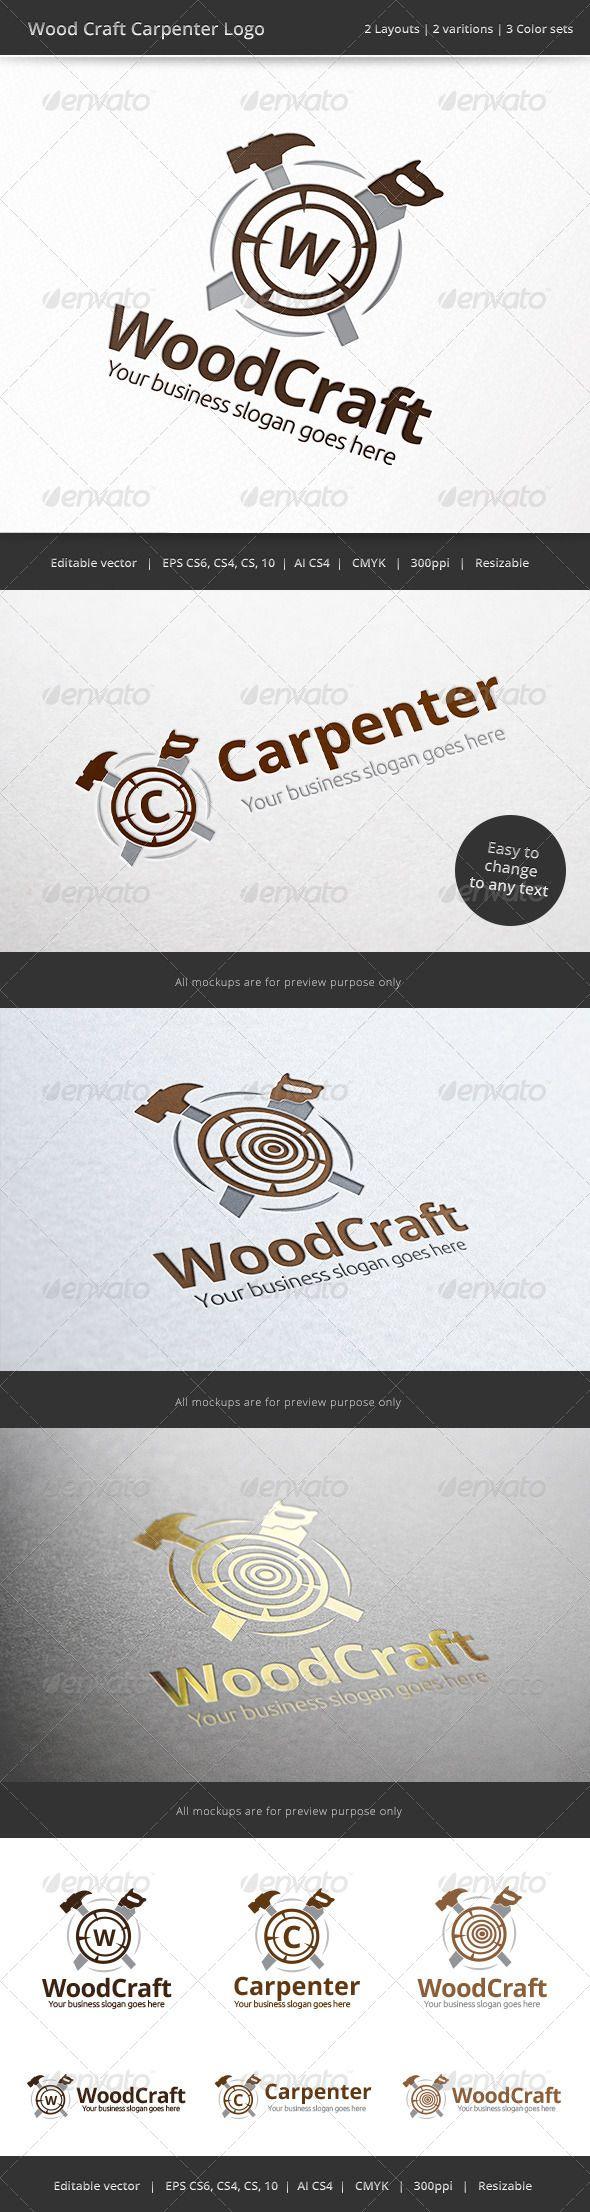 Carpenter Wood Craft Logo Logos Craft Logo Logos Logo Design